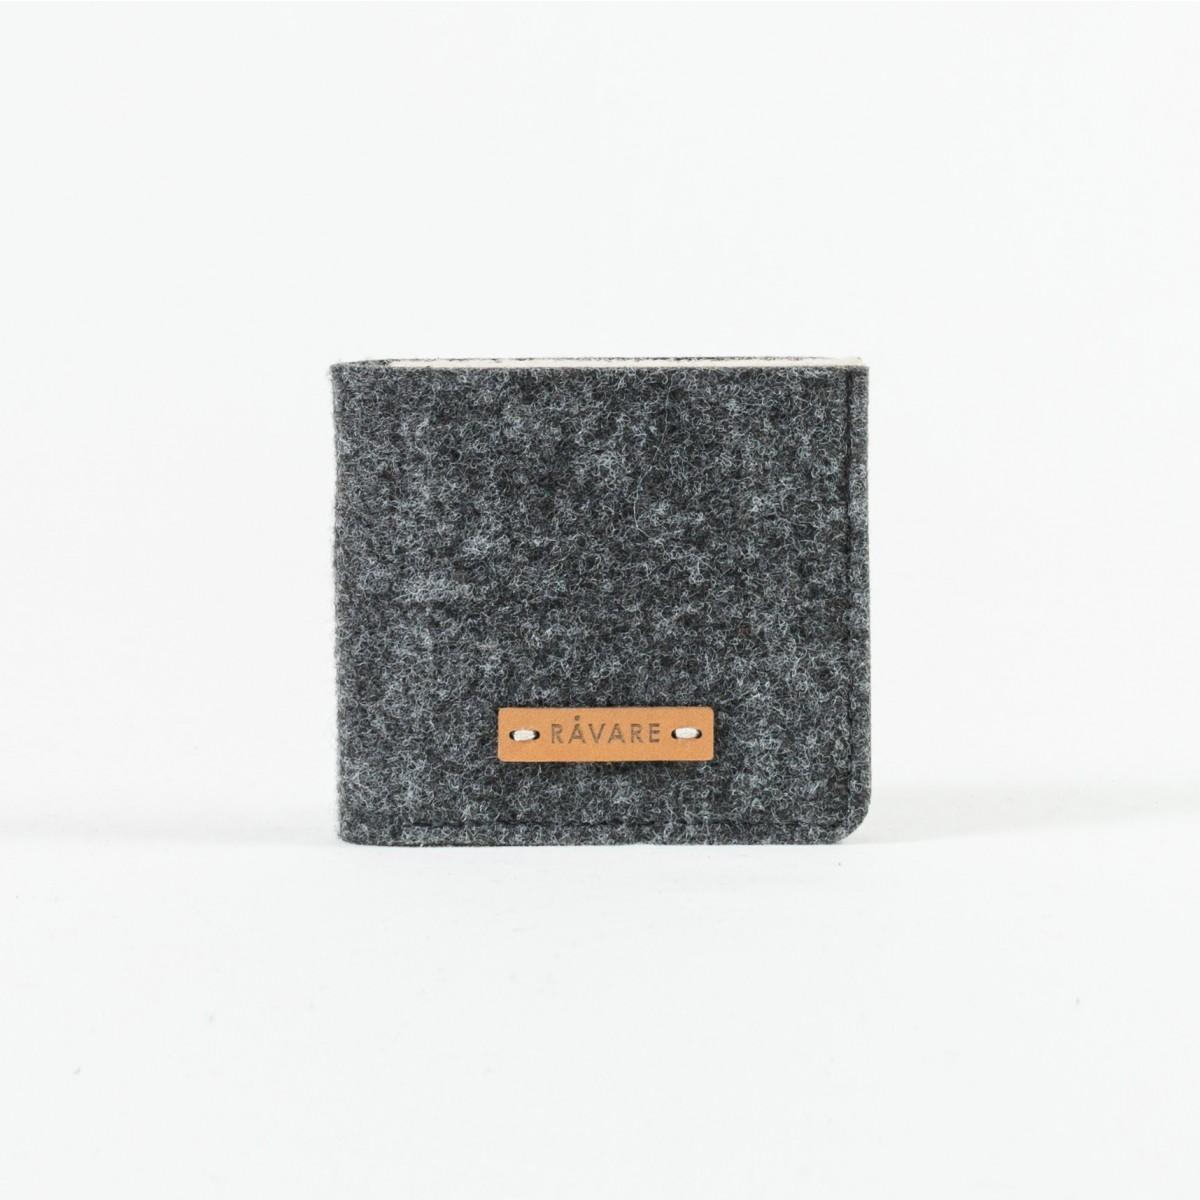 RÅVARE Geldbörse Geldbeutel Portemonnaie in verschiedenen Farben [META]